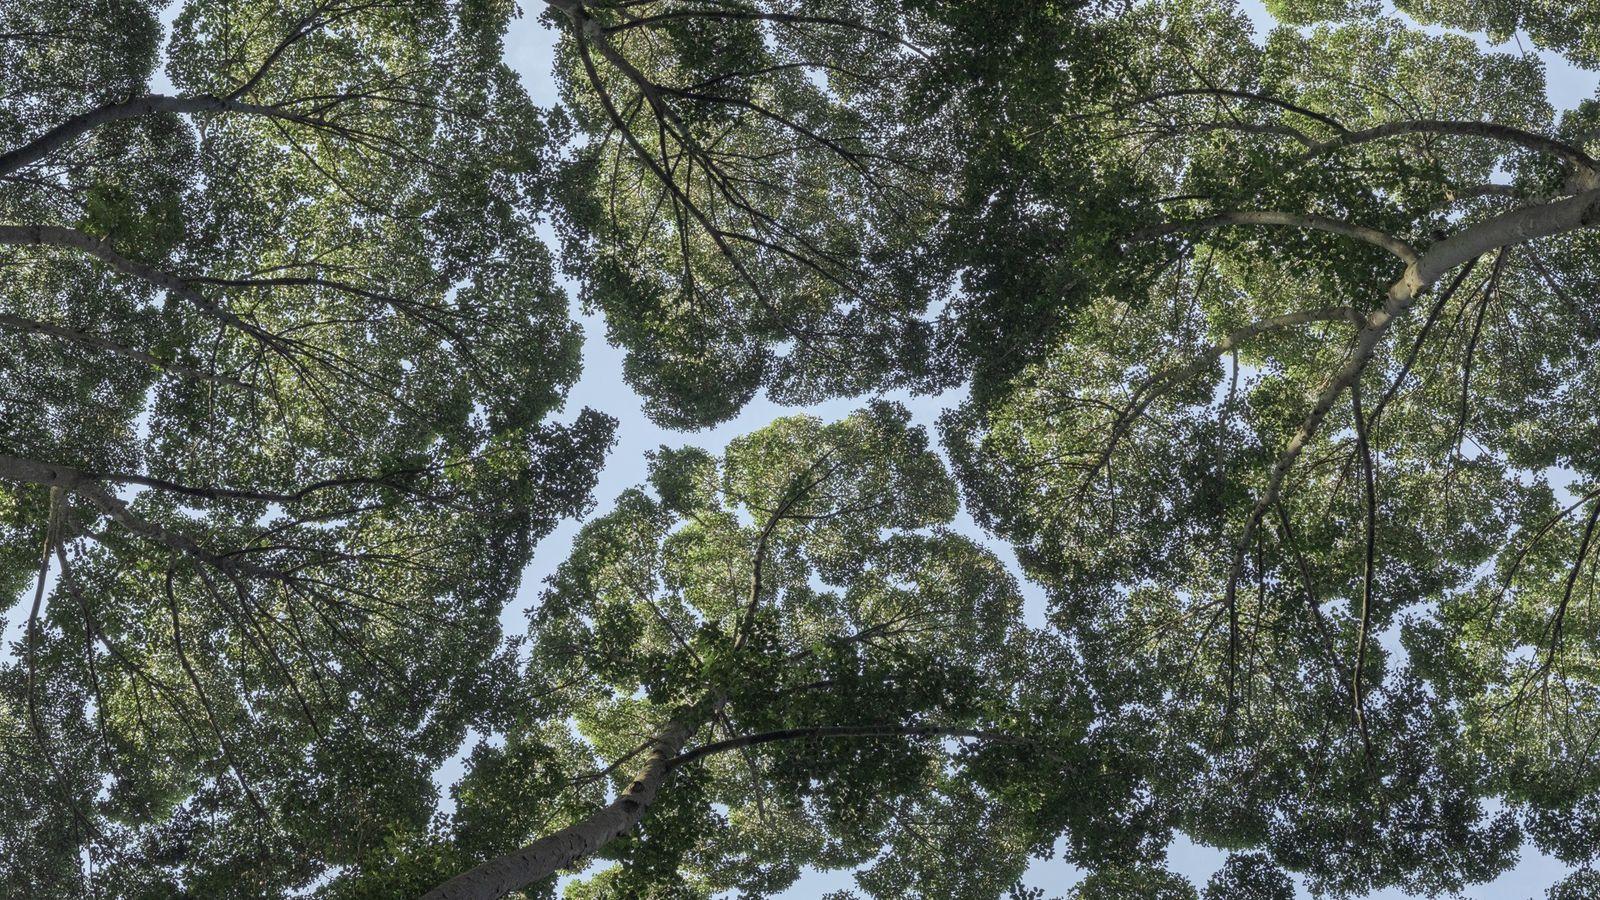 Ici photographiés au Forest Research Institute de Malaisie, les arbres de l'espèce Dryobalanops aromatica illustrent parfaitement le phénomène des fentes ...